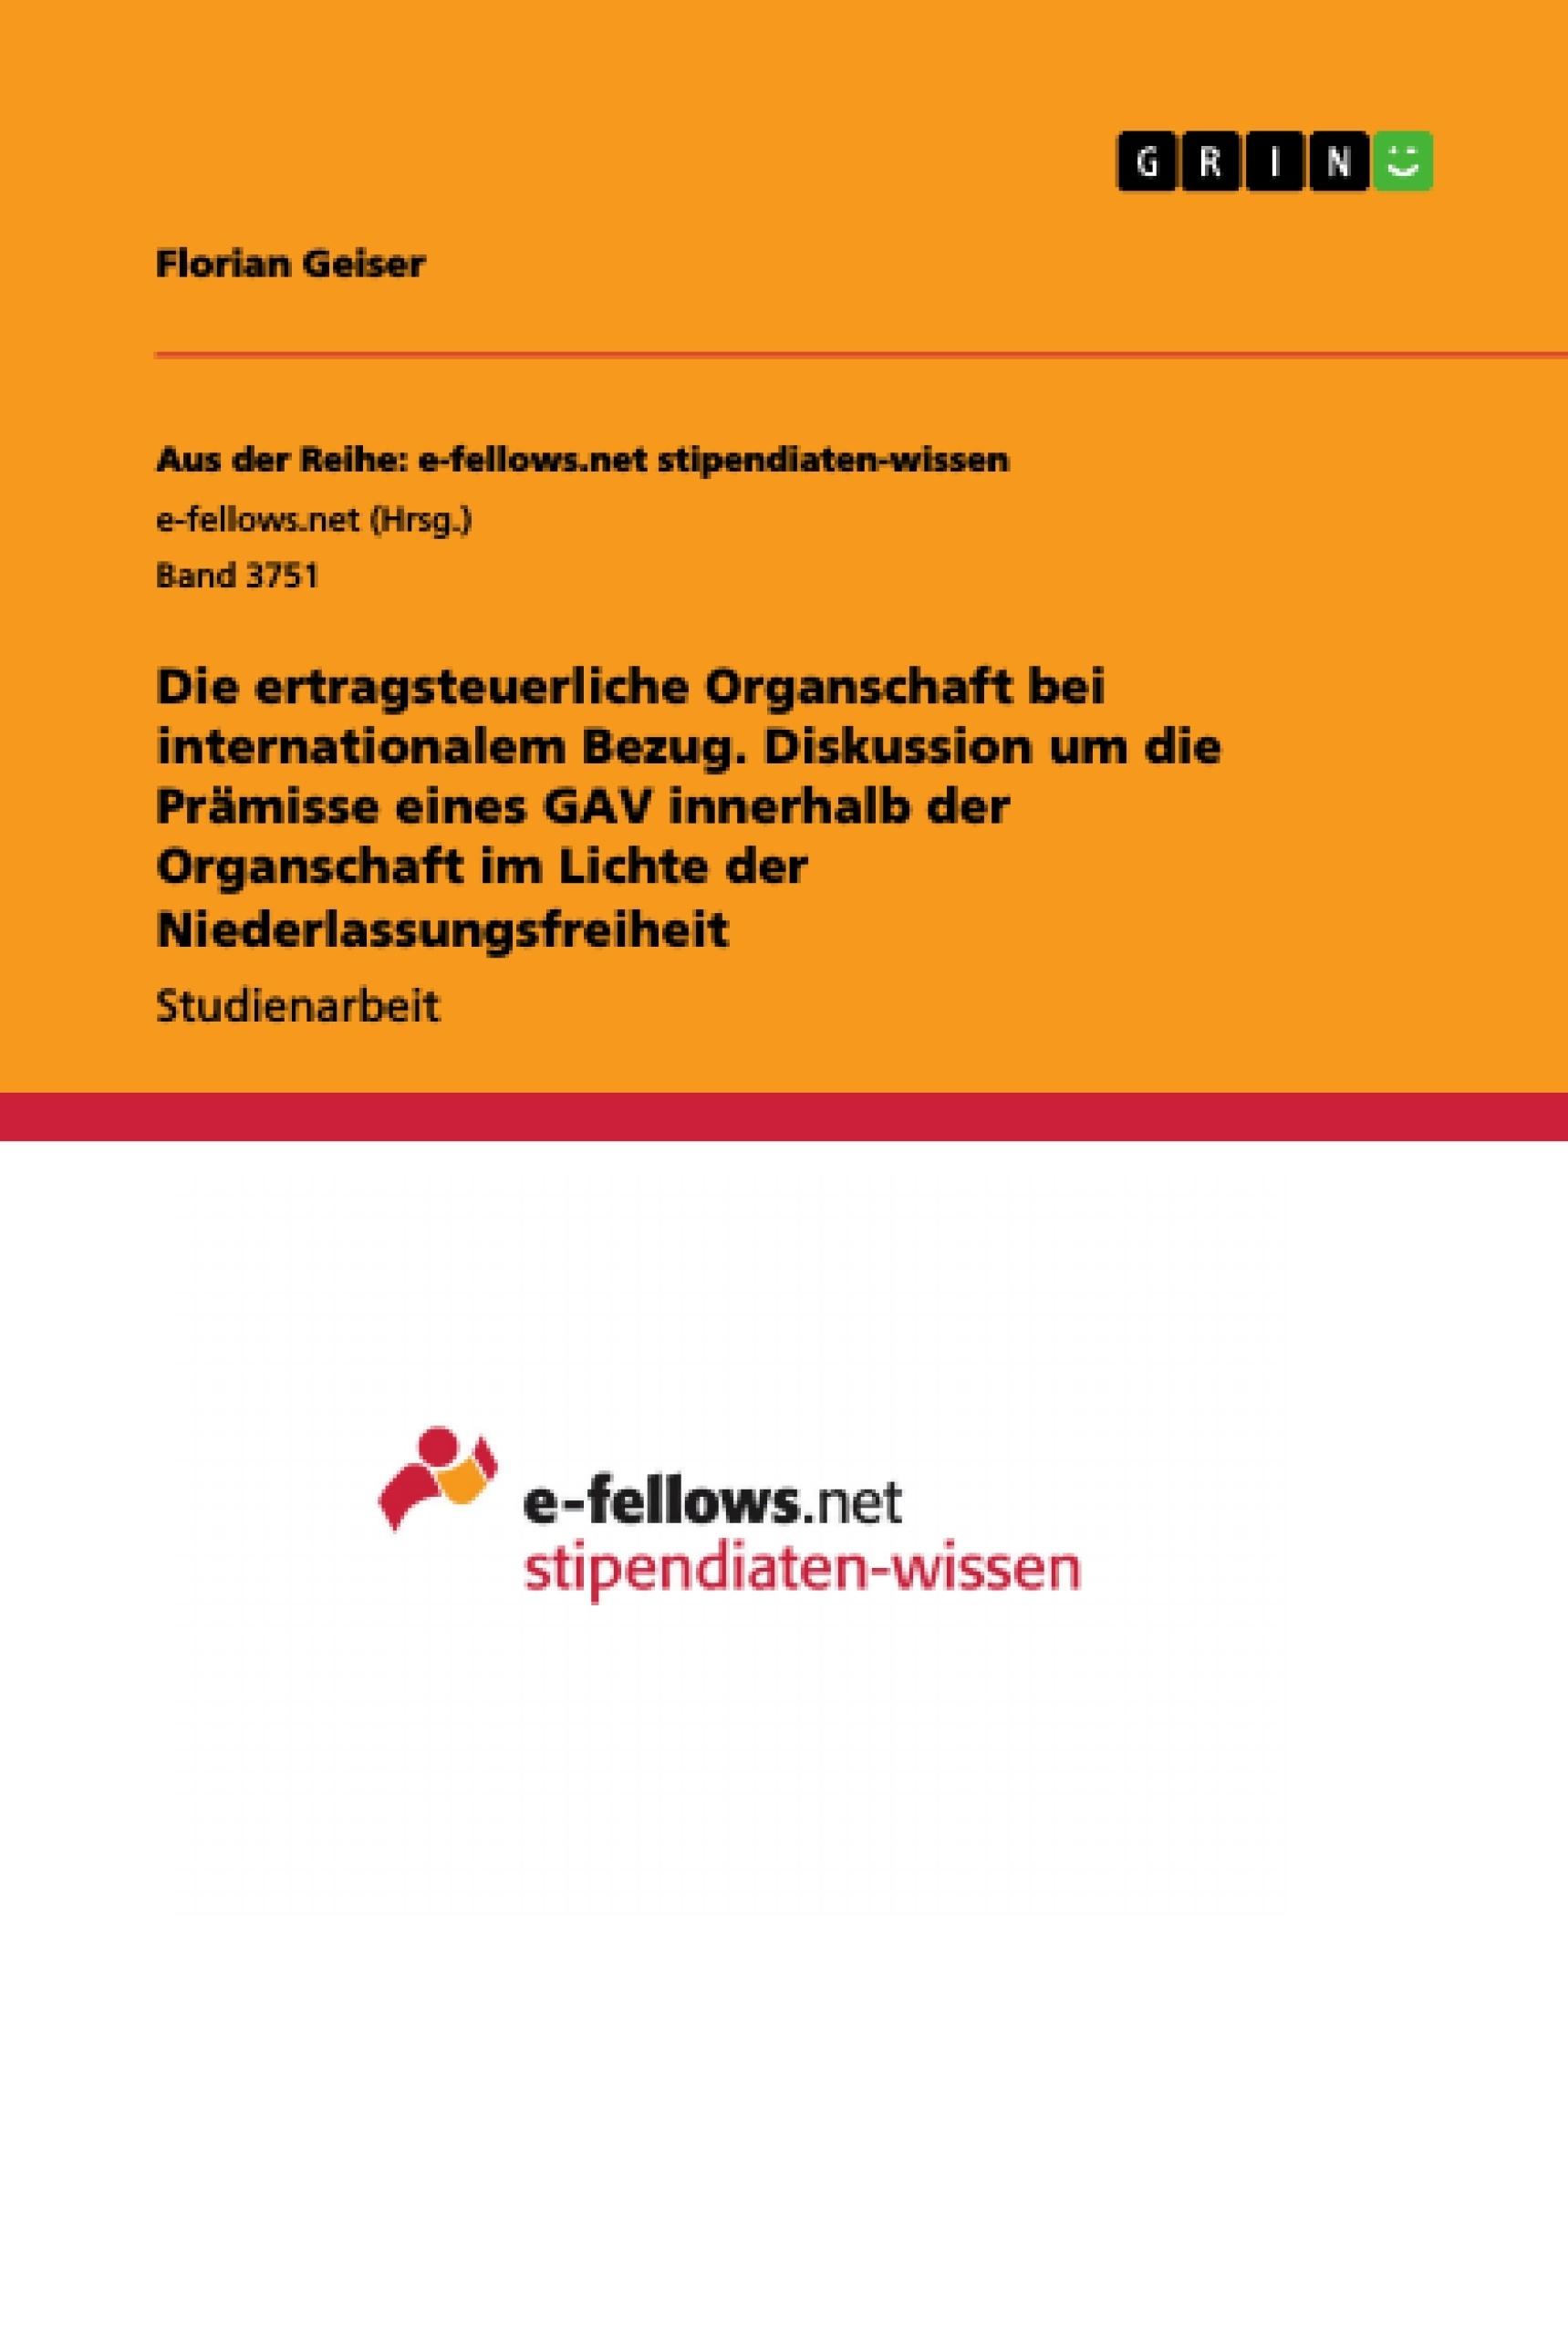 Titel: Die ertragsteuerliche Organschaft bei internationalem Bezug. Diskussion um die Prämisse eines GAV innerhalb der Organschaft im Lichte der Niederlassungsfreiheit